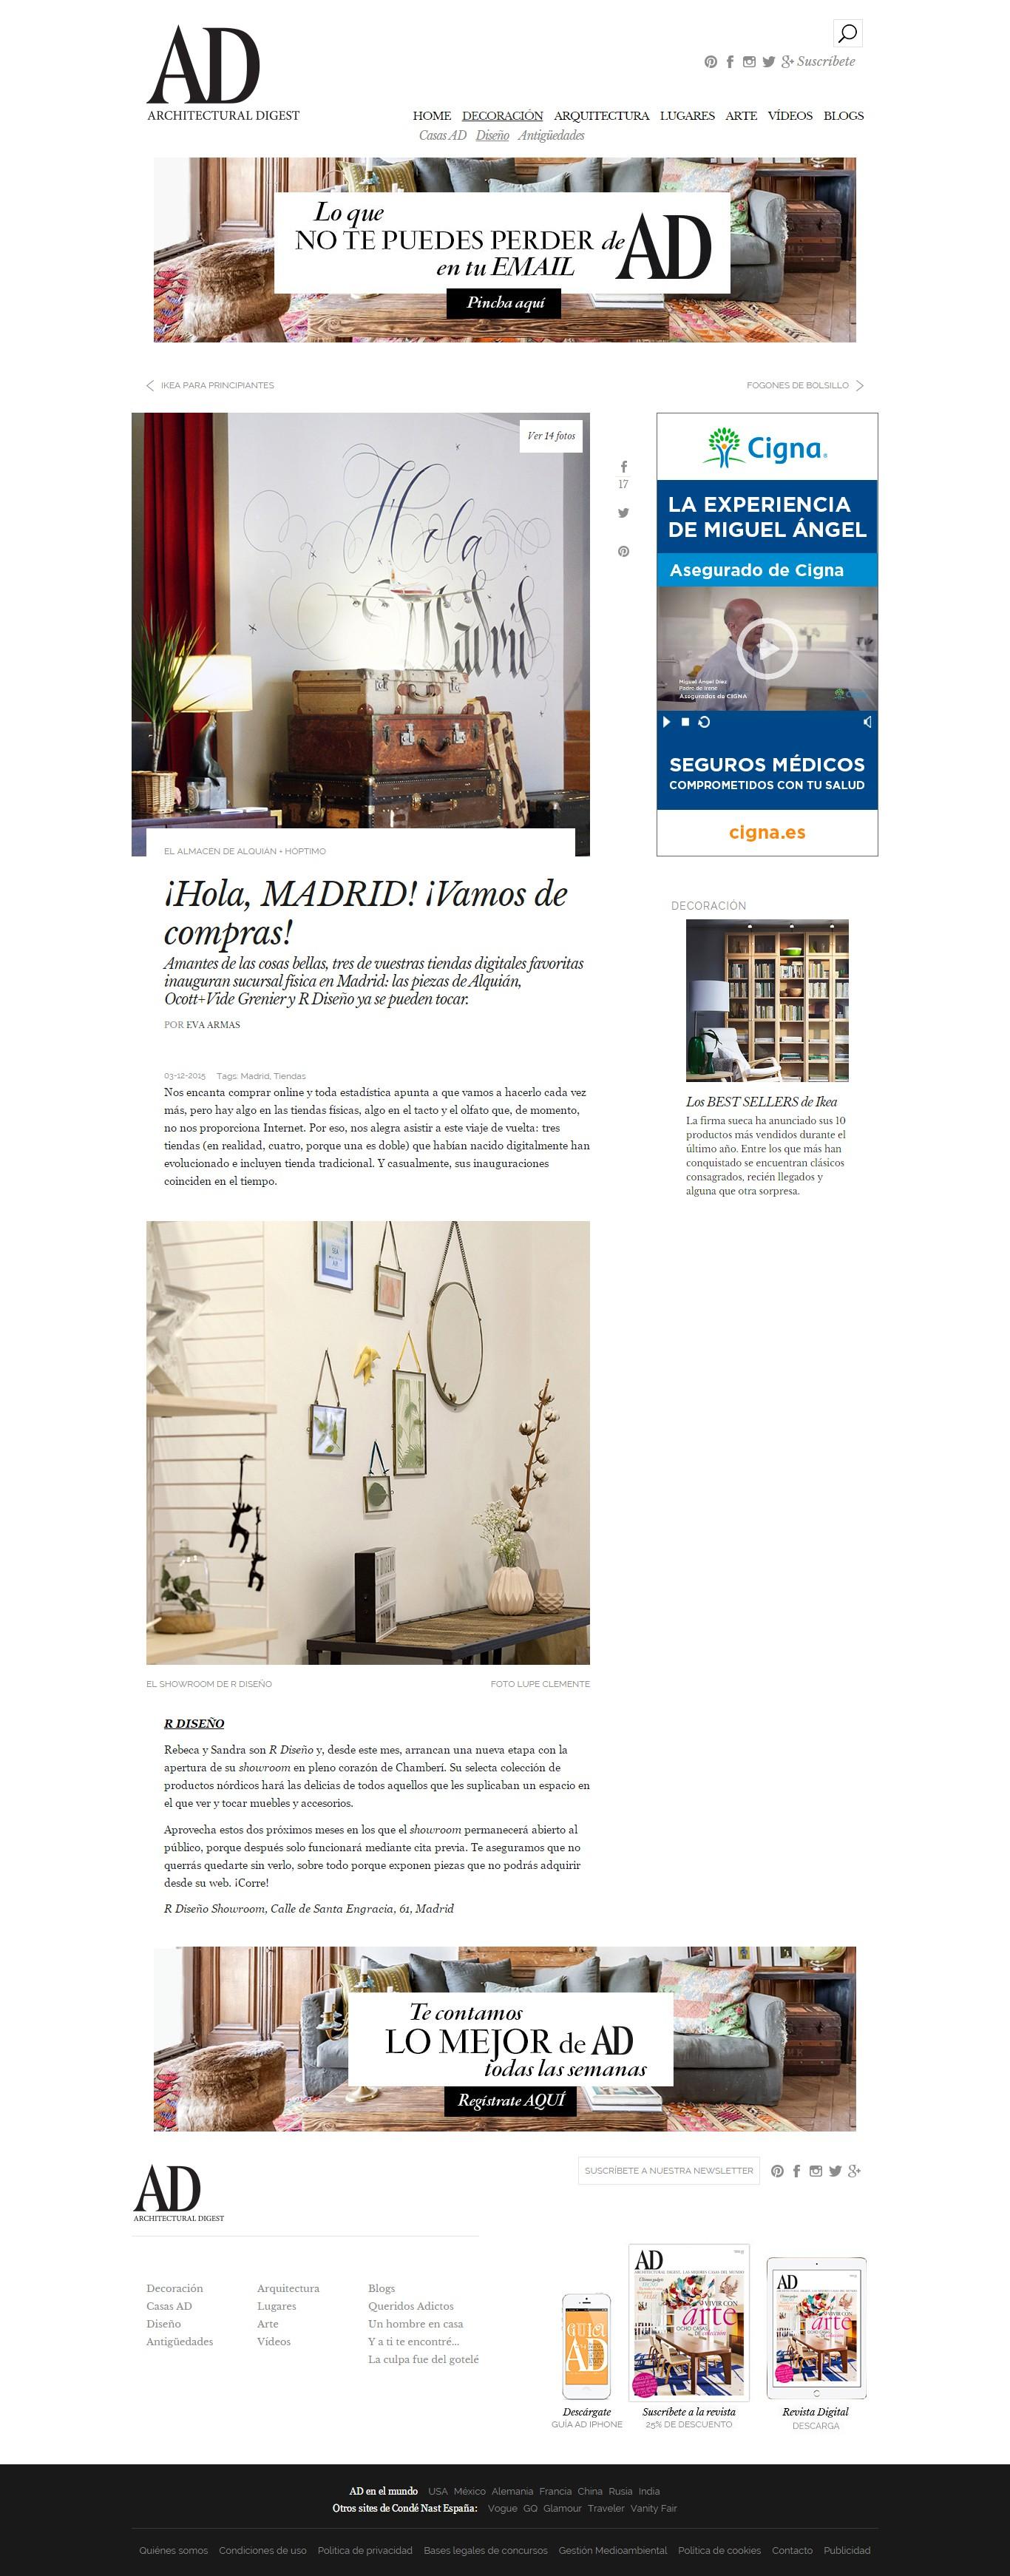 8e4b21c5f87f4 La revista AD se hace eco de la inauguración de nuestro showroom y nos  elige entre sus tres tiendas favoritas de Madrid para acertar con las compras  de ...